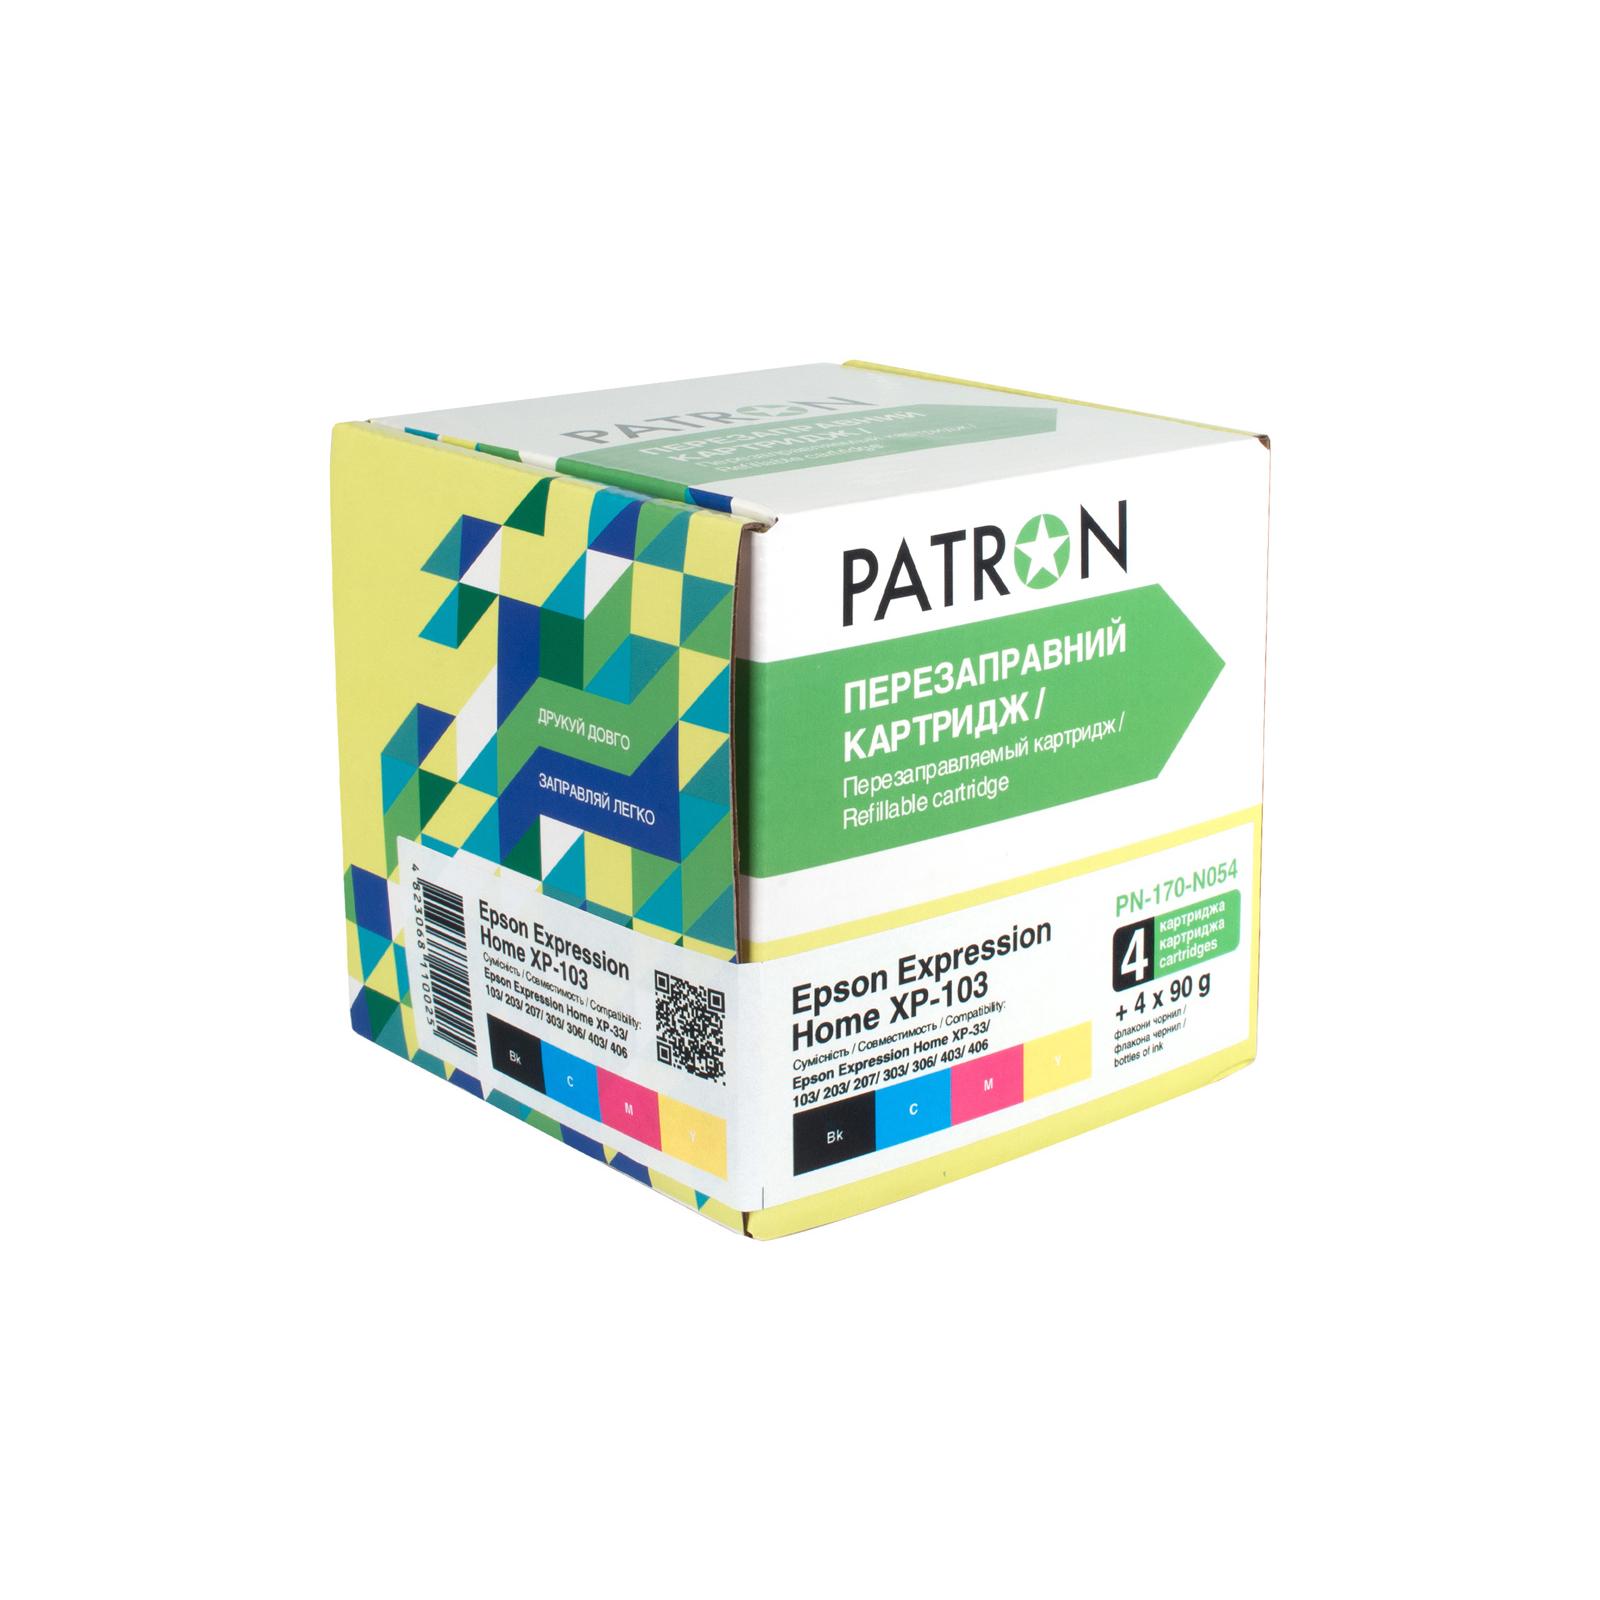 Комплект перезаправляемых картриджей PATRON Epson XP-33/103/203/207/303/306/403/406 (CIR-PN-ET170-054)